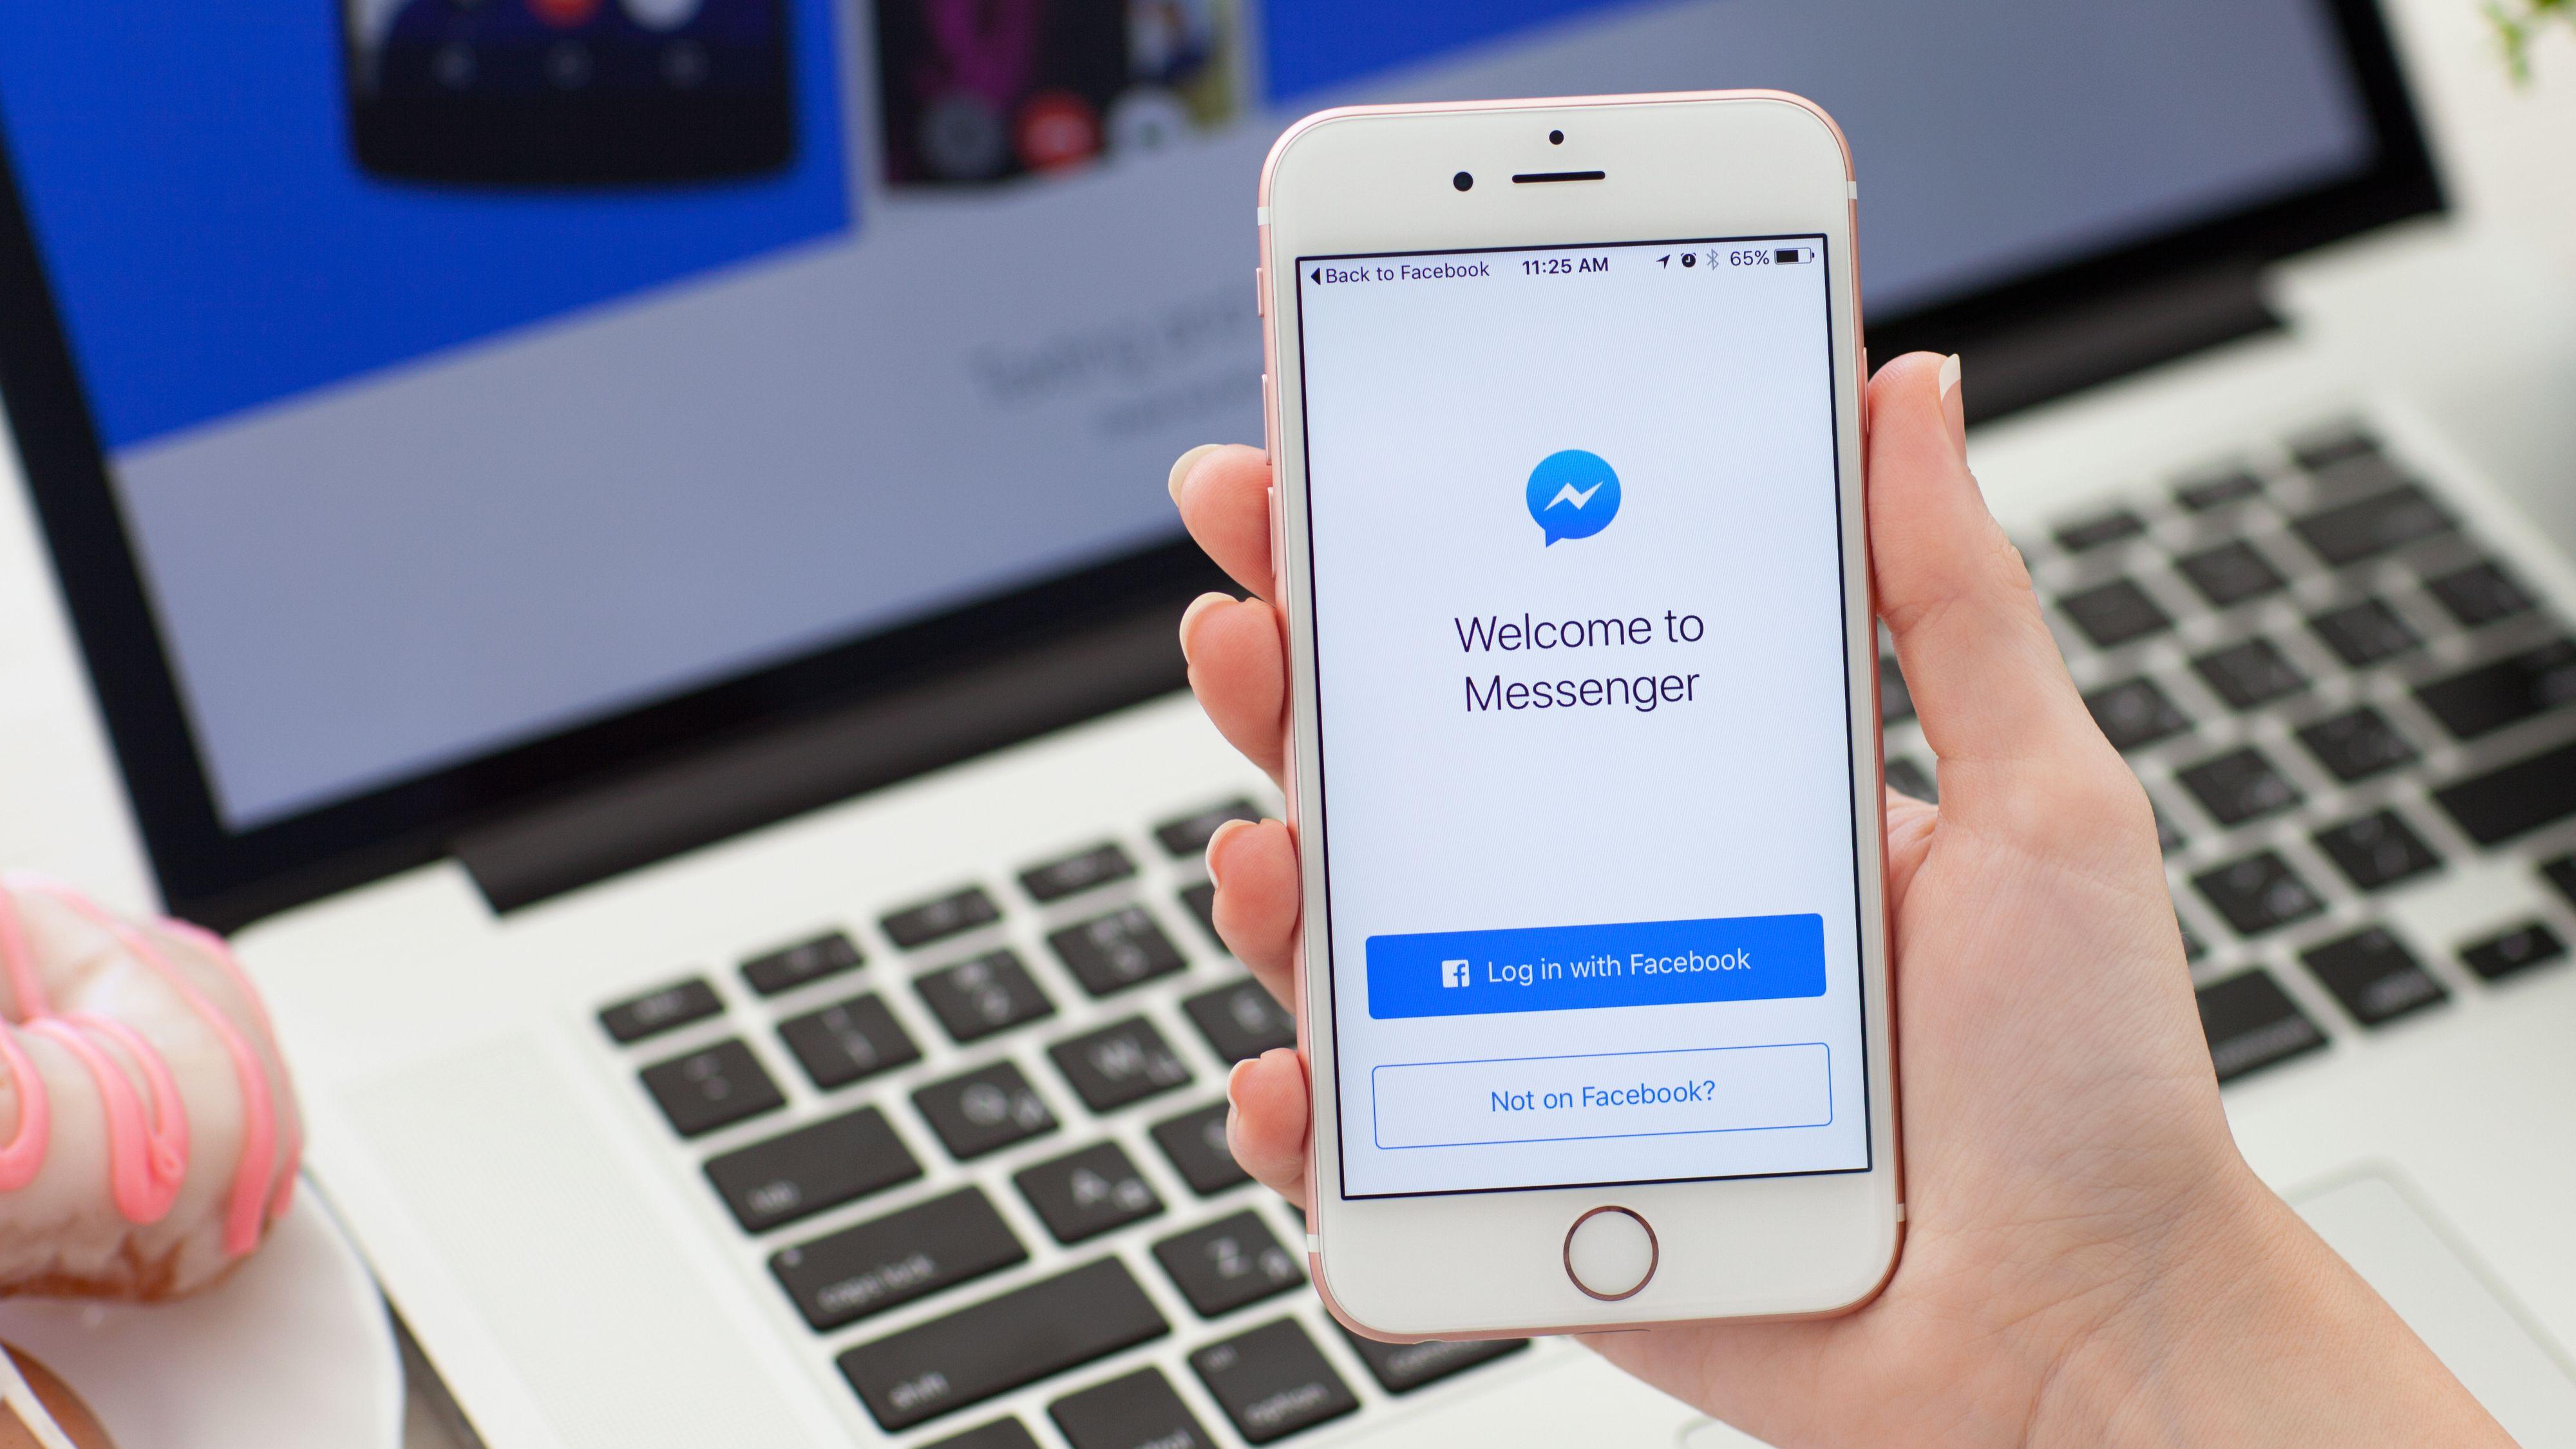 Slik kunne hackere endre Facebook Messenger-samtalene dine uten at du visste det